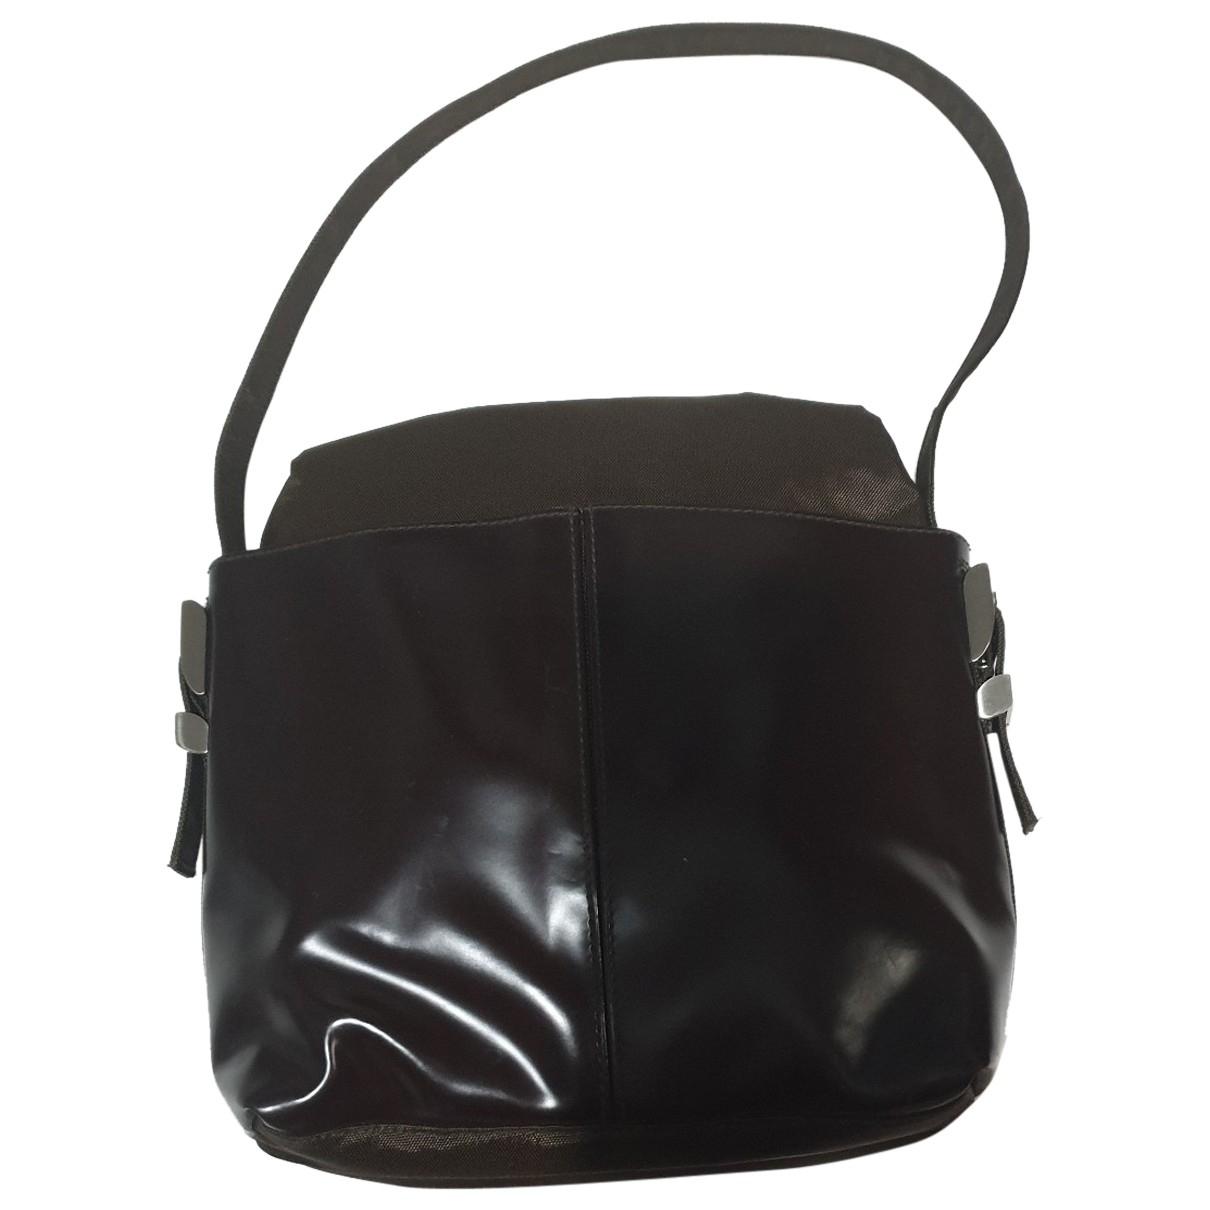 Dkny \N Brown handbag for Women \N